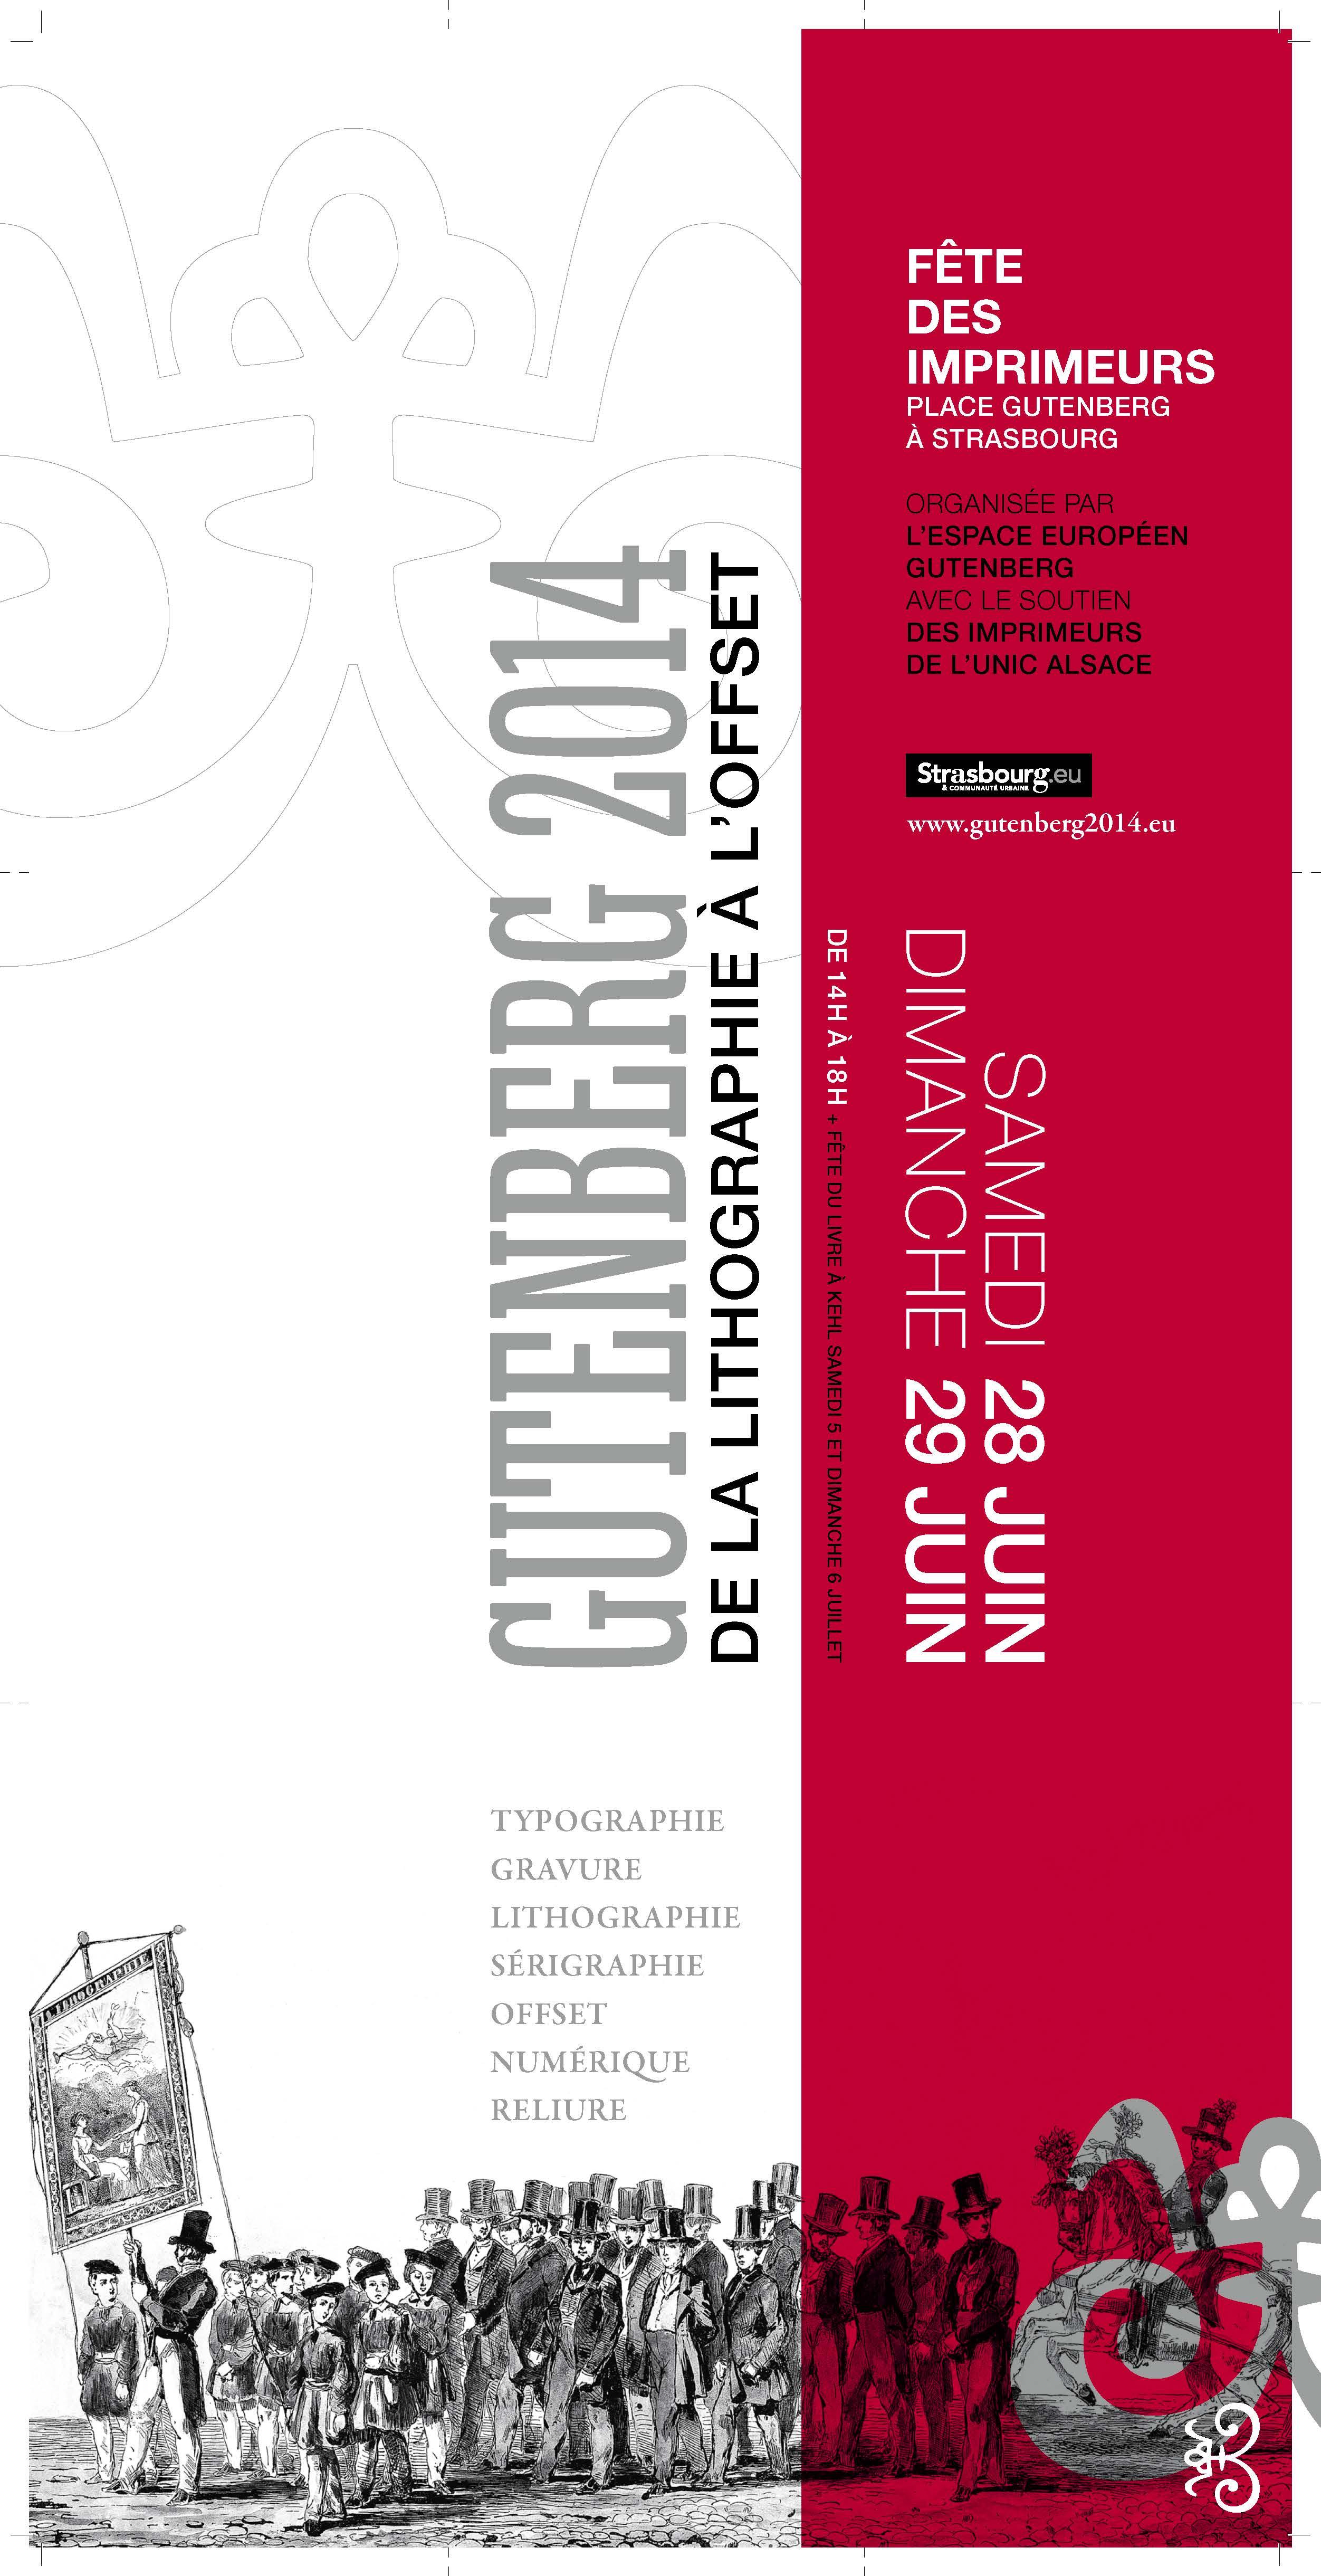 La Fête des Imprimeurs – Gutenberg 2014